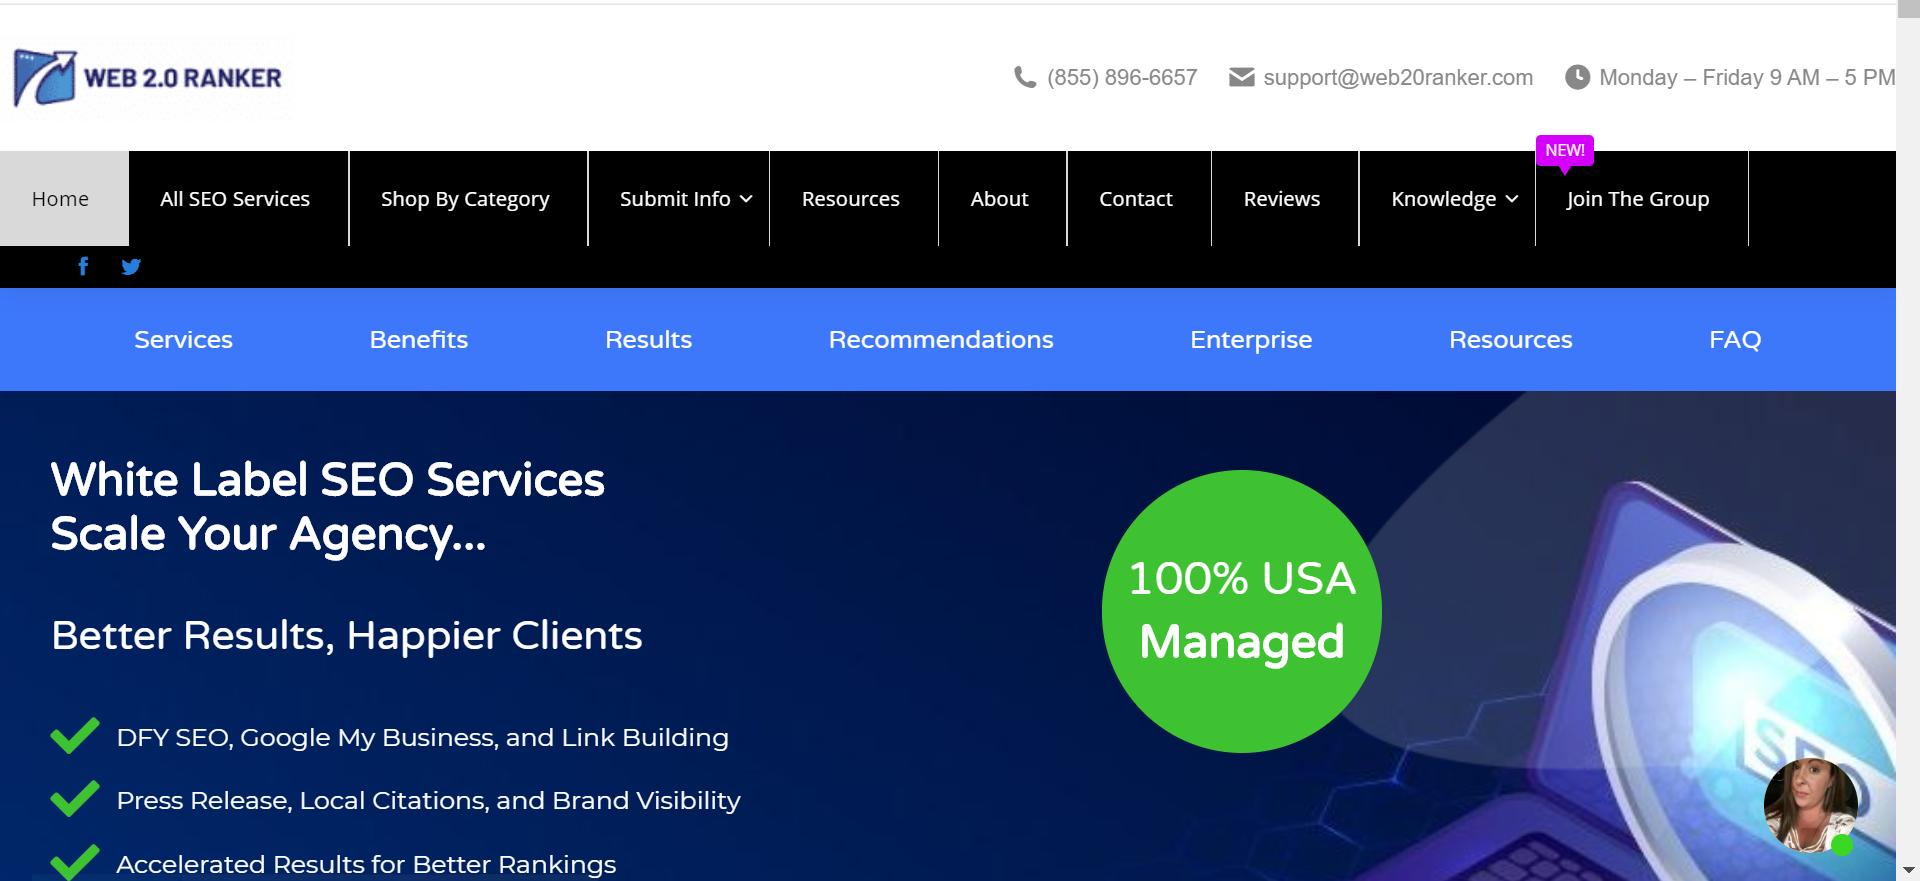 image of website Web 2.0 Ranker